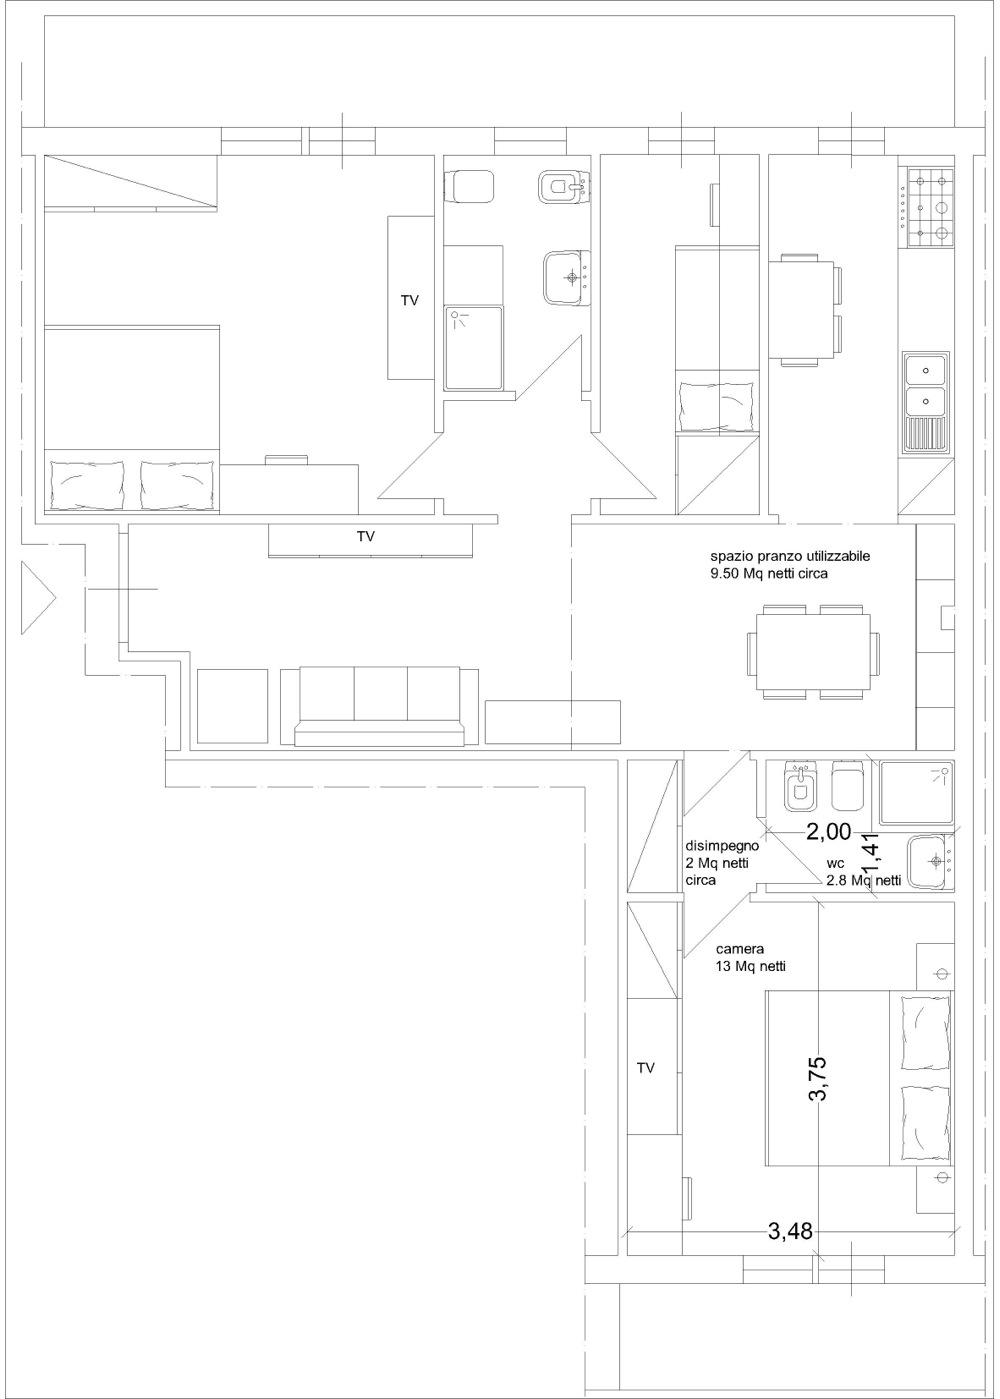 Progettazione on line arredamento archistyle for Progettazione on line